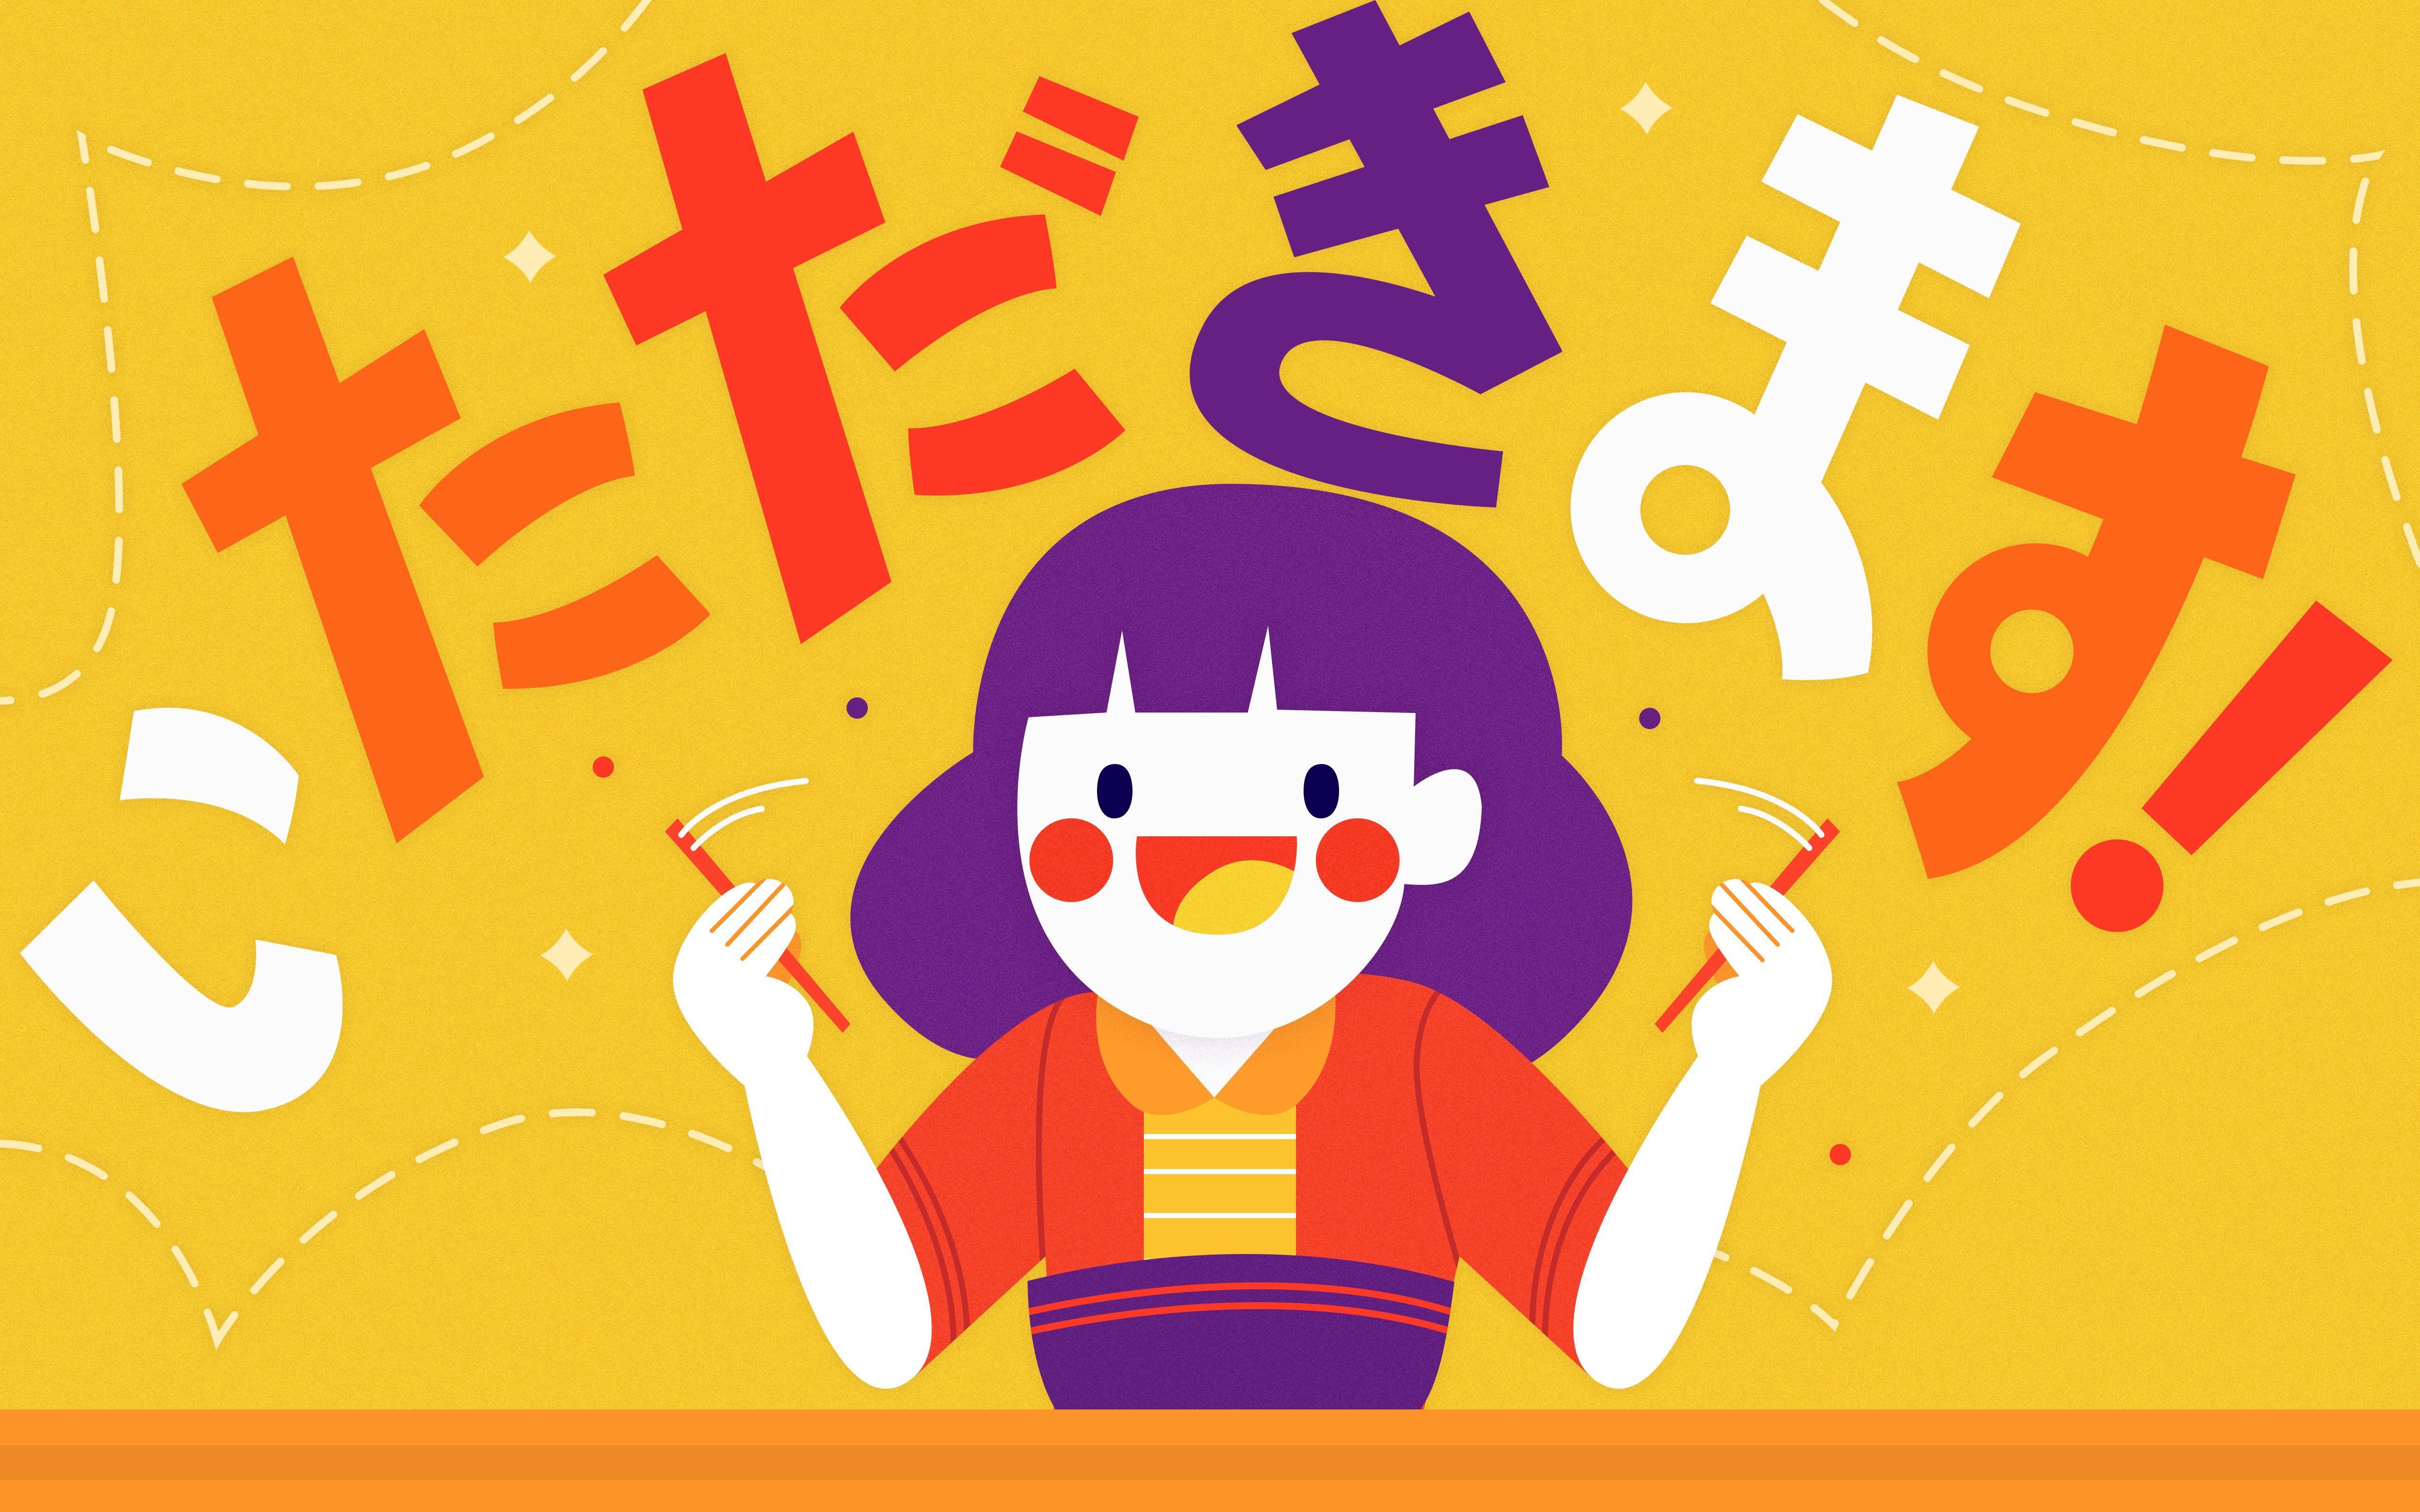 O Que Significa Itadakimasu